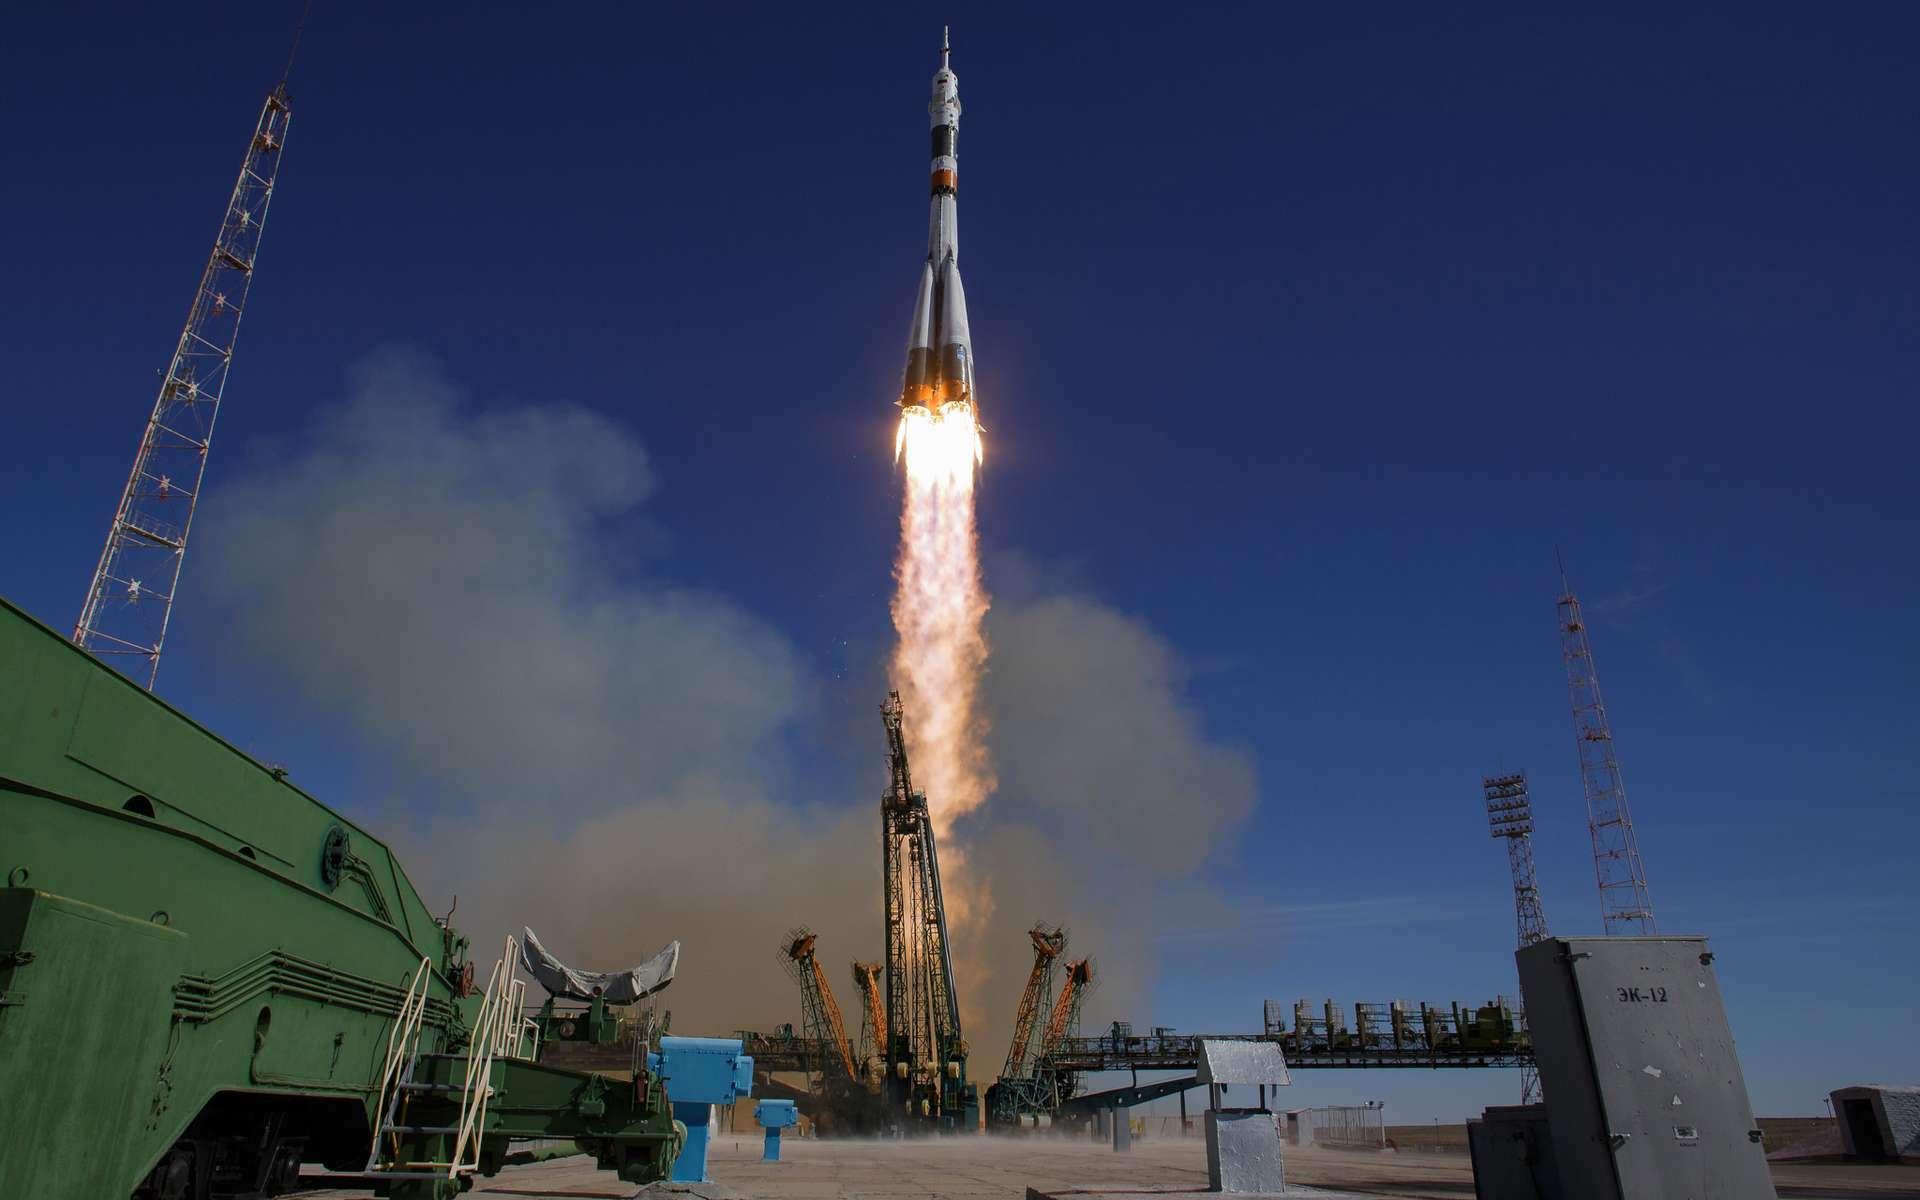 Le lanceur Soyouz au décollage avec à son bord les deux astronautes qui, quelques secondes après, redescendront précipitamment sur Terre. © Nasa, Bill Ingalls